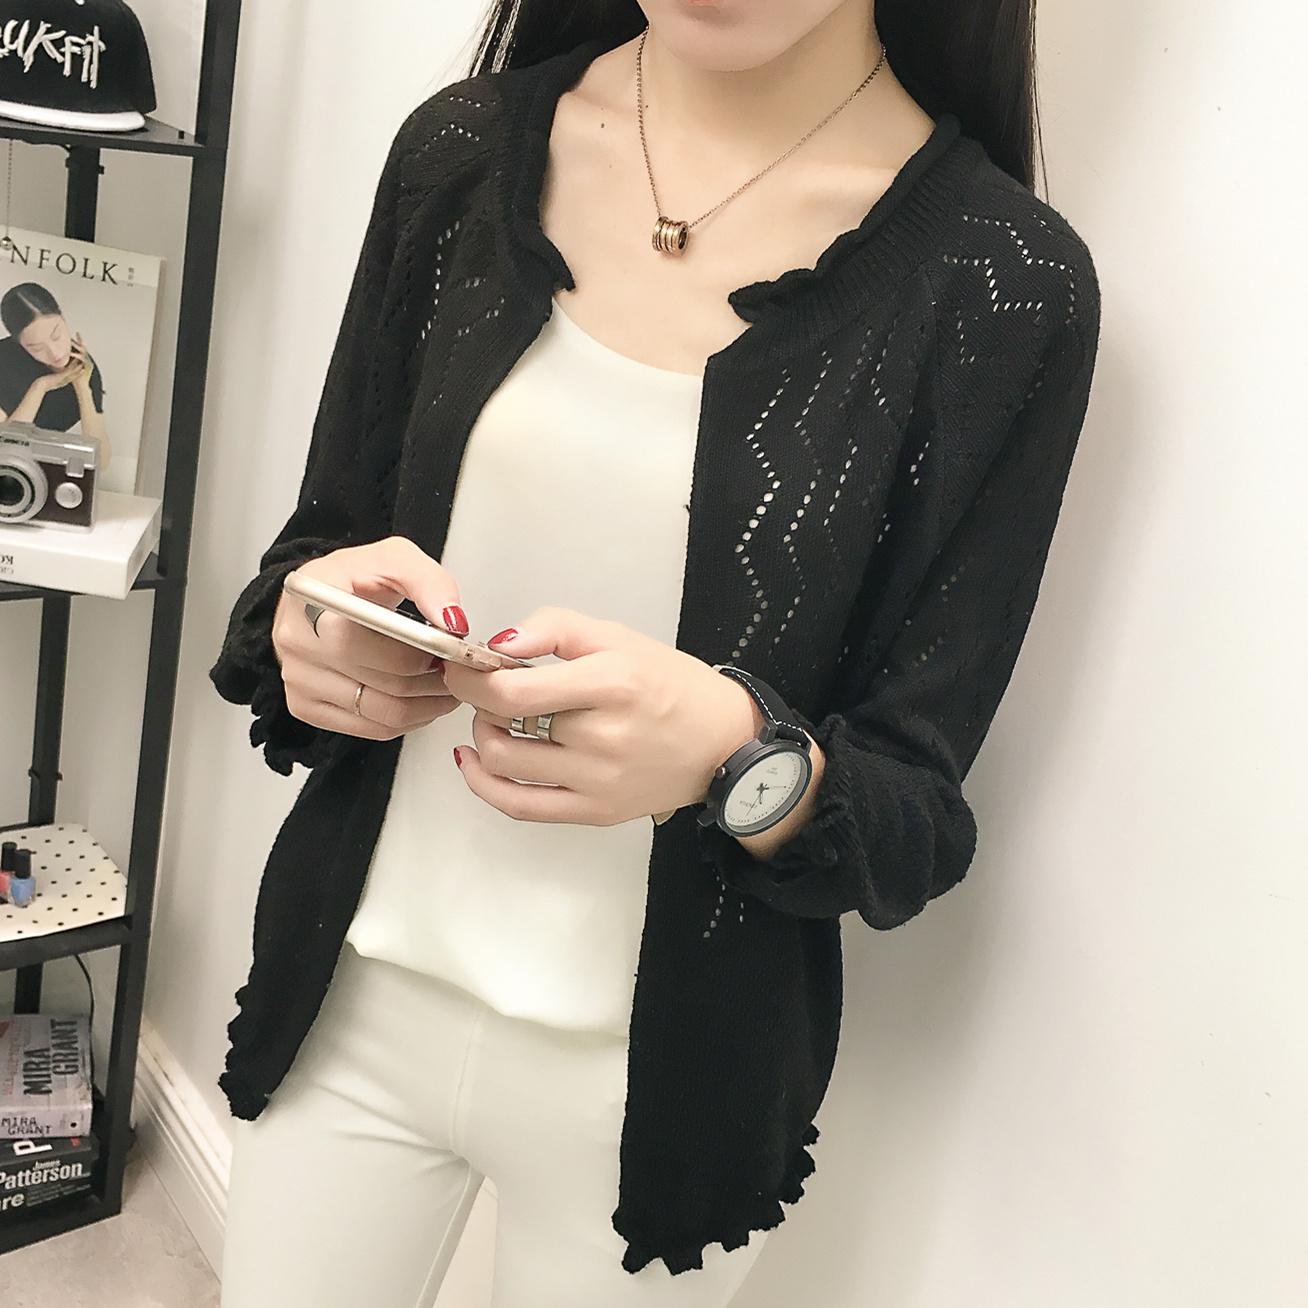 开衫披肩外套镂空韩版短款春装针织女装毛衣上